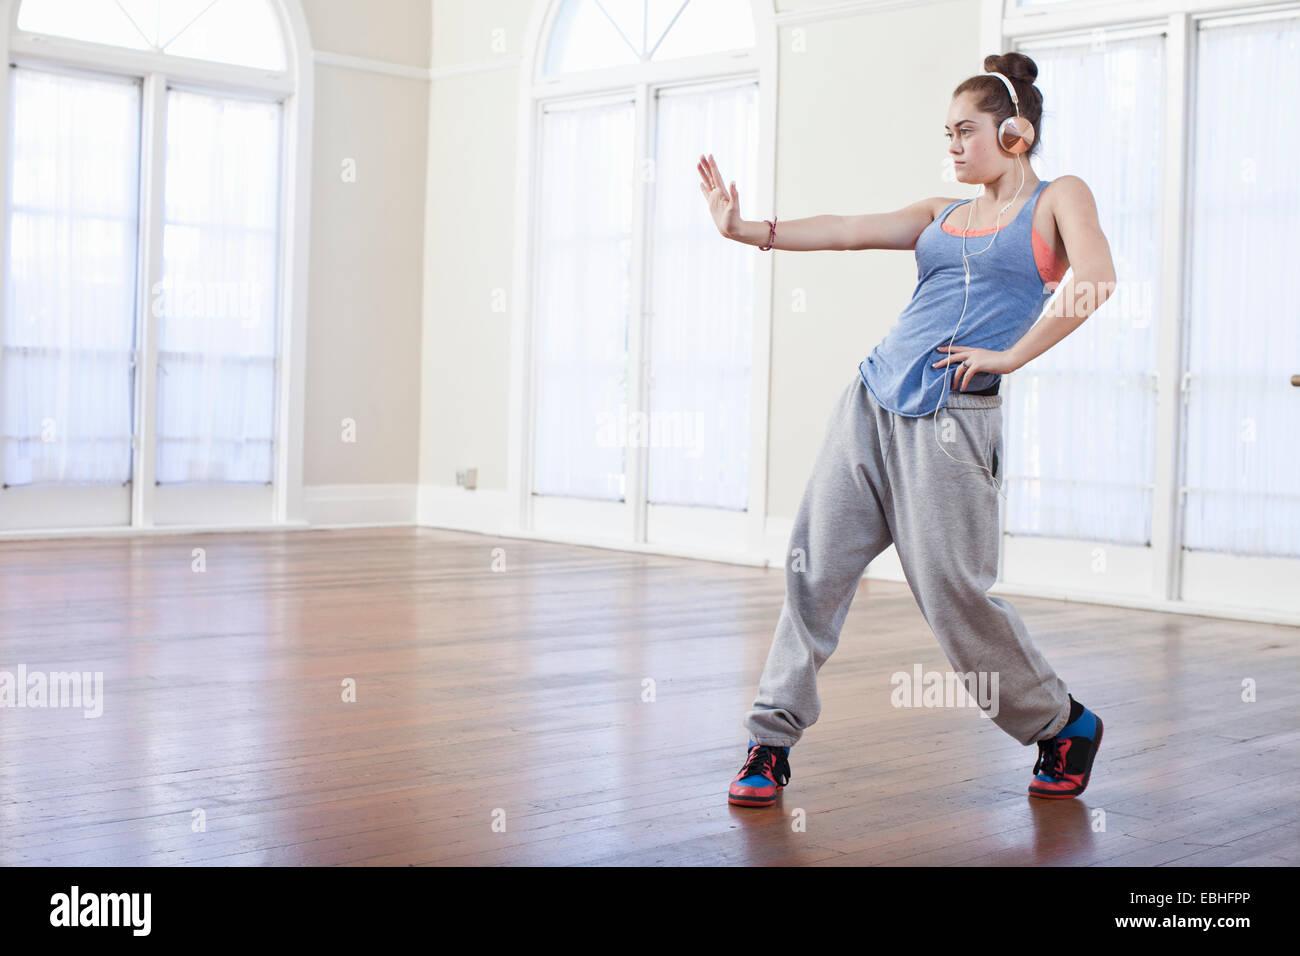 Teenager-Mädchen Aufwärmen mit alternativen Tanz in Ballett-Schule Stockbild